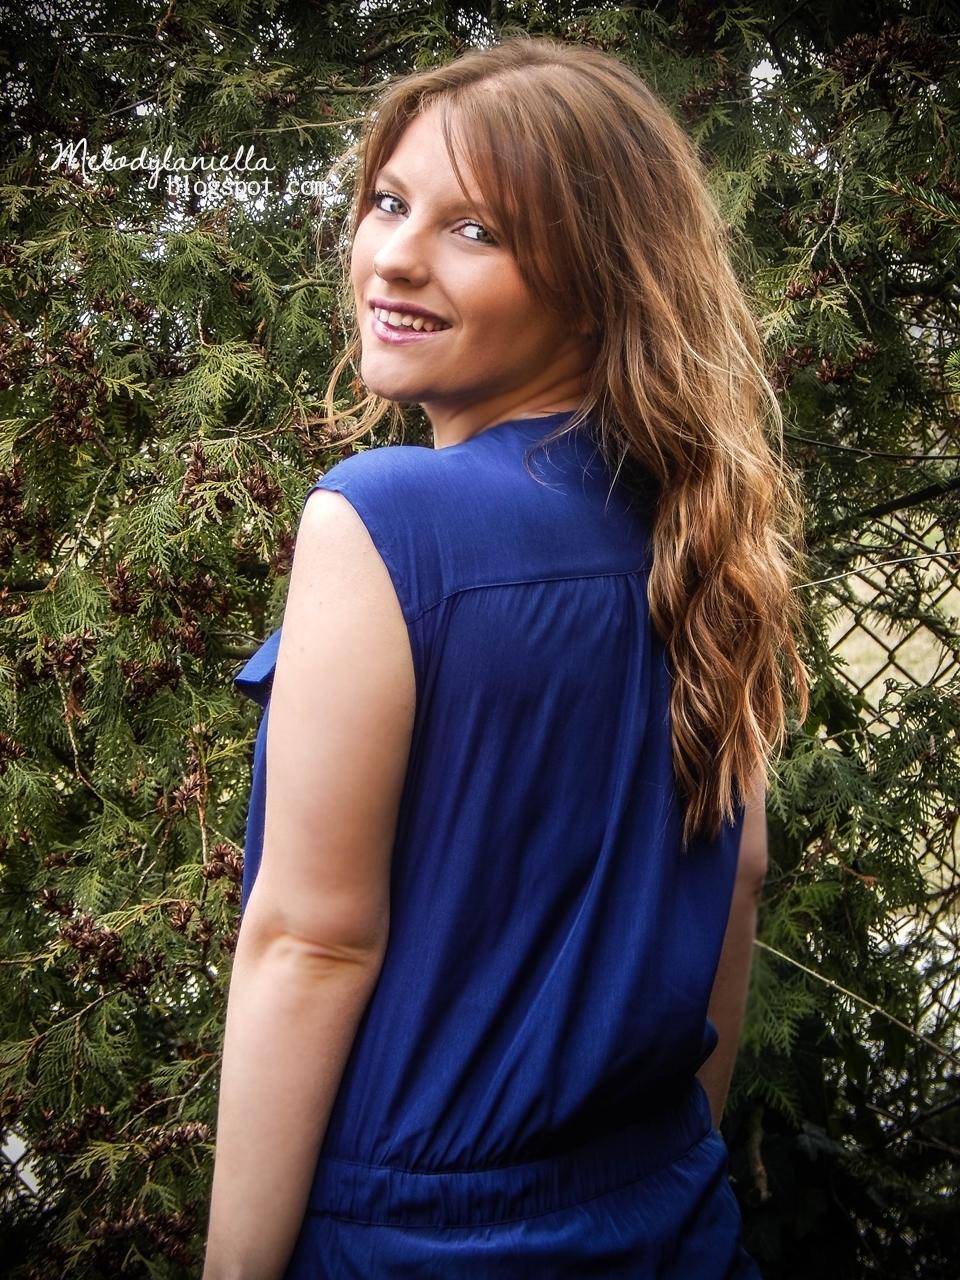 niebieski kombinezon bez rekawow z dlugimi spodniami bonprix z suwakiem style moda fashion look